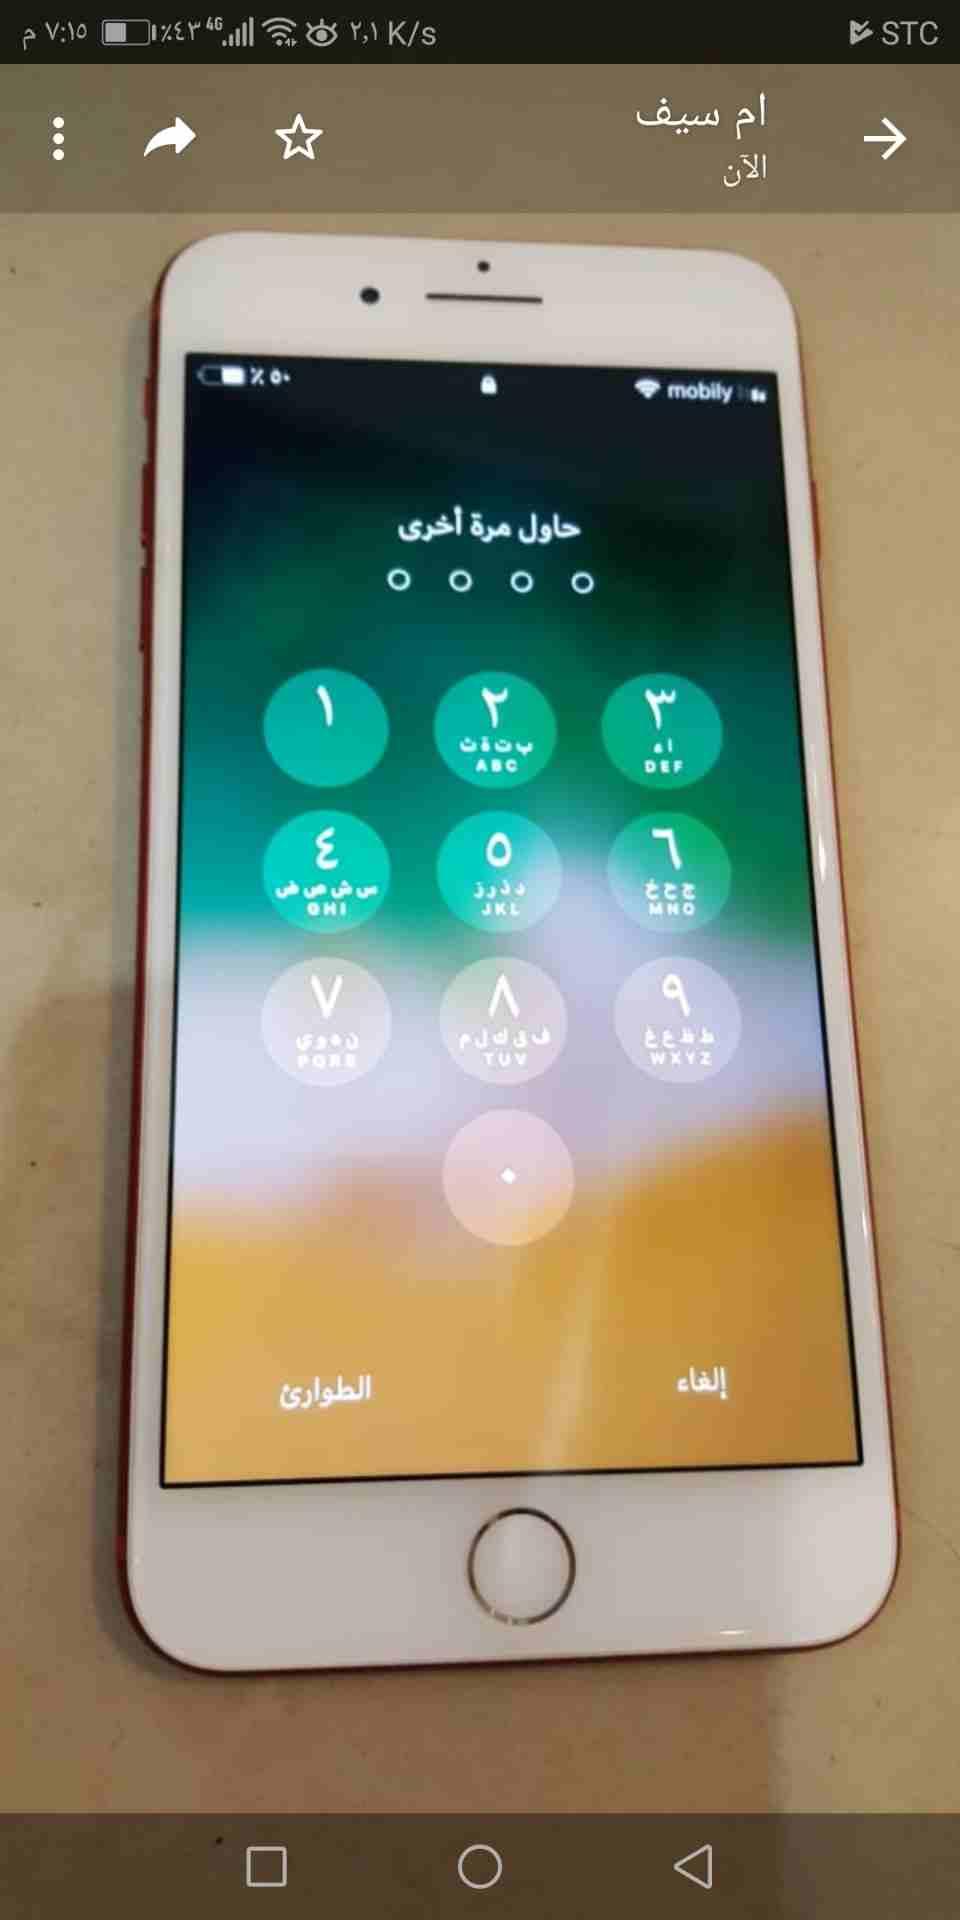 iPhone 11 64GB - $ 650 USDiPhone 11 128GB - $ 710 USDiPhone 11 256GB - $ 770 USDiPhone 11 Pro 64GB - $ 720 USDiPhone 11 Pro 256GB - $ 750 USDiPhone 11 Pro 512GB-  ايفون 7بلس اللون احمر لا...